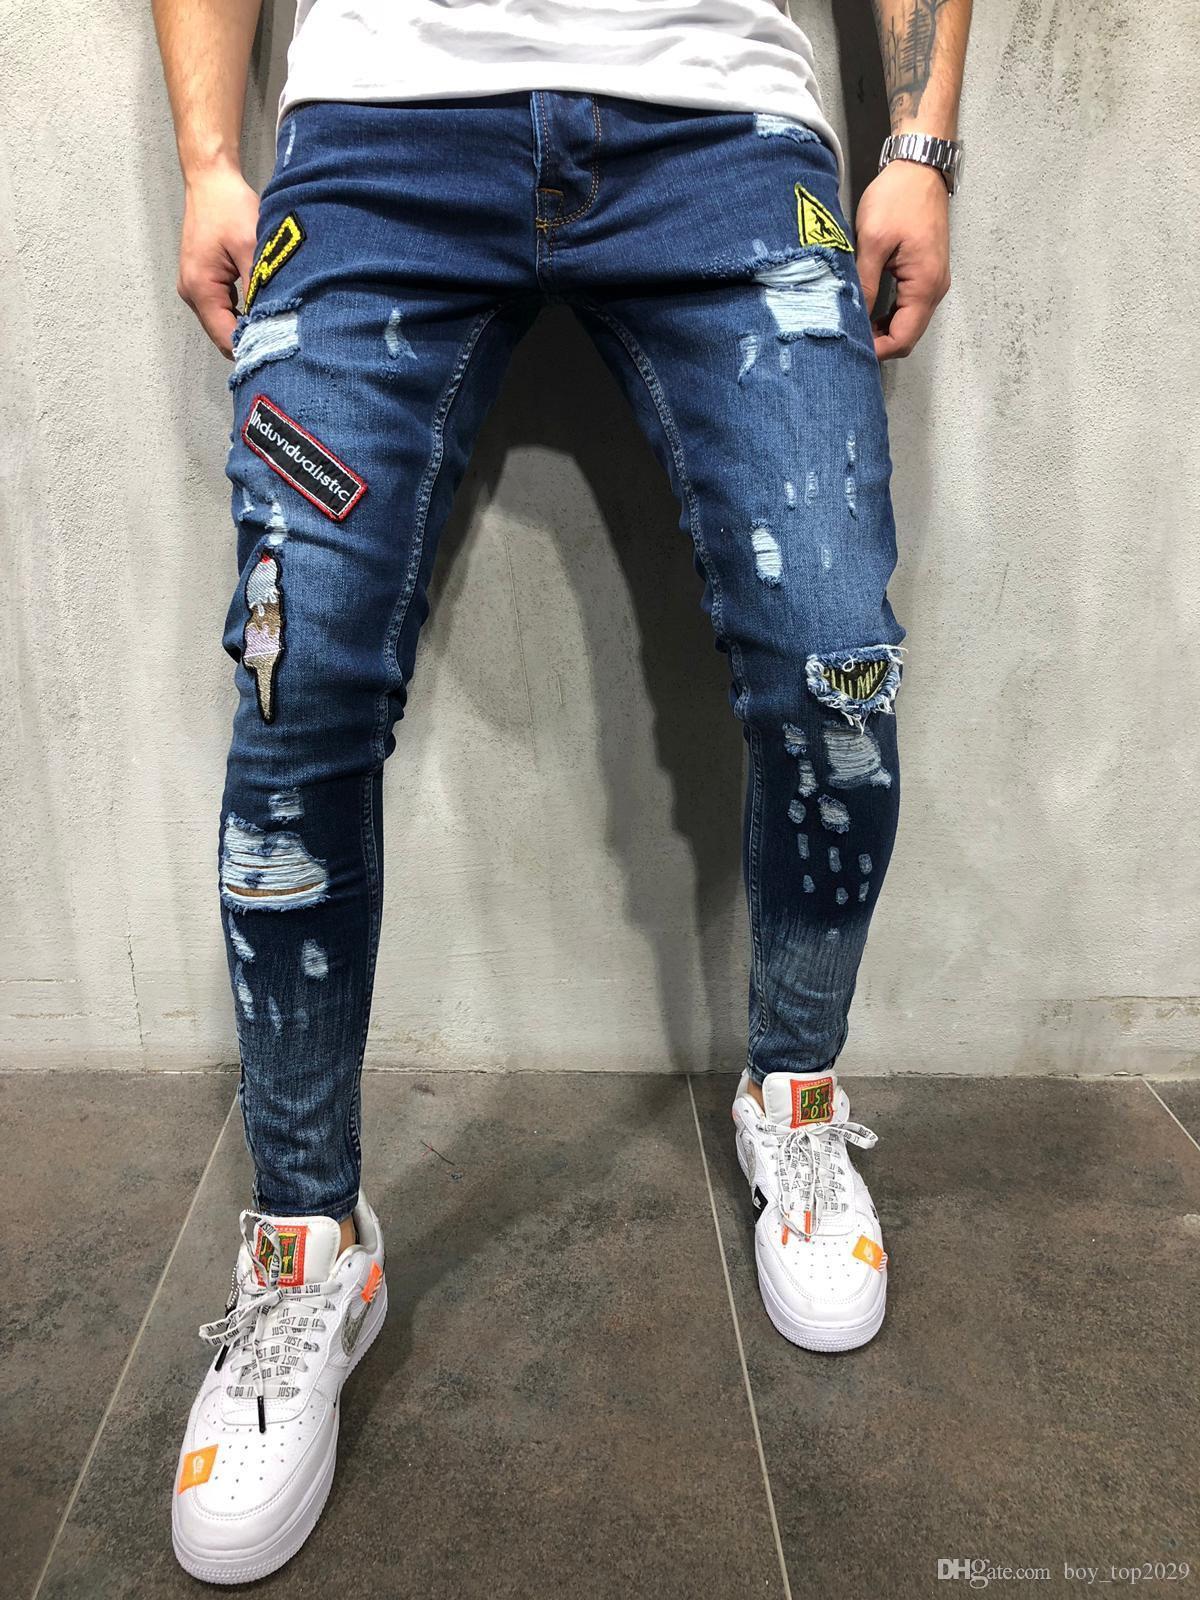 187d6007b ¡CALIENTE! 2018 Pantalones Vaqueros de Colorblock plisado para hombres de  Jeans Slim con precio de venta completo, el mejor envío gratuito